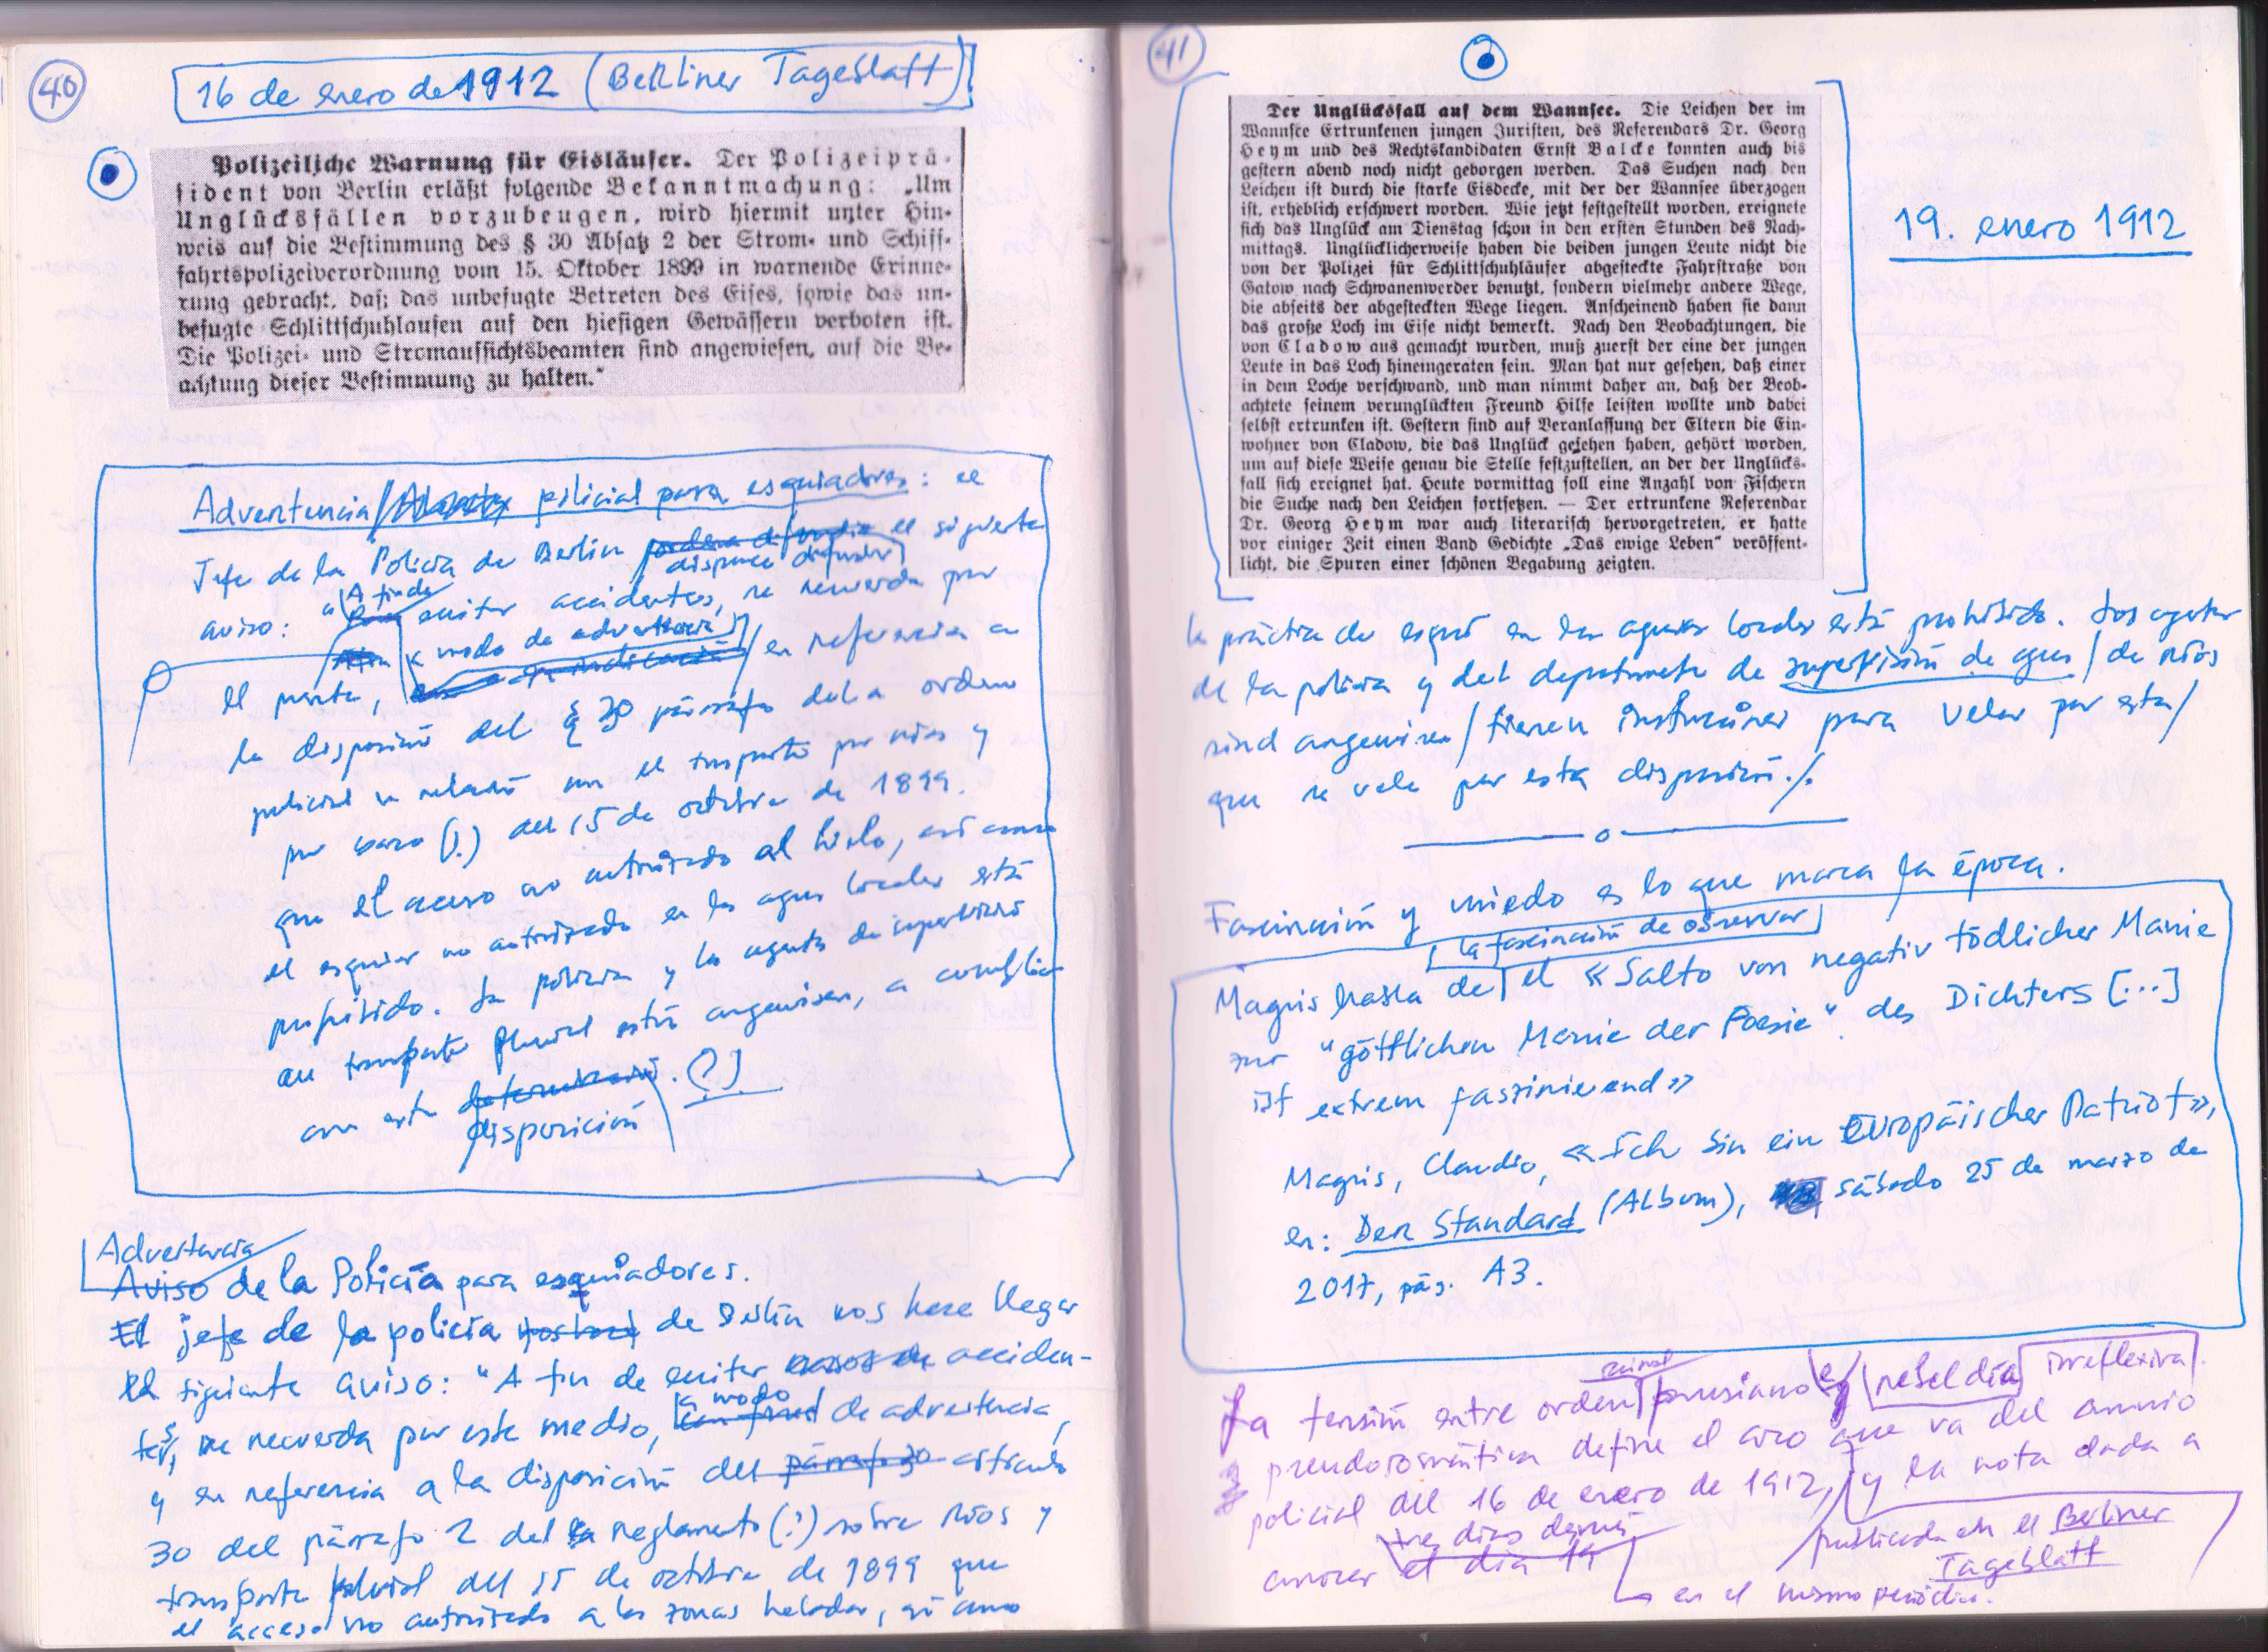 Cuaderno de trabajo del traductor José Aníbal Campos, con el aviso de la policía berlinesa del día 16 de enero de 1912 (día de la muerte de Heym) y la noticia de la recuperación de su cadáver, tres días después, el 19 de enero.